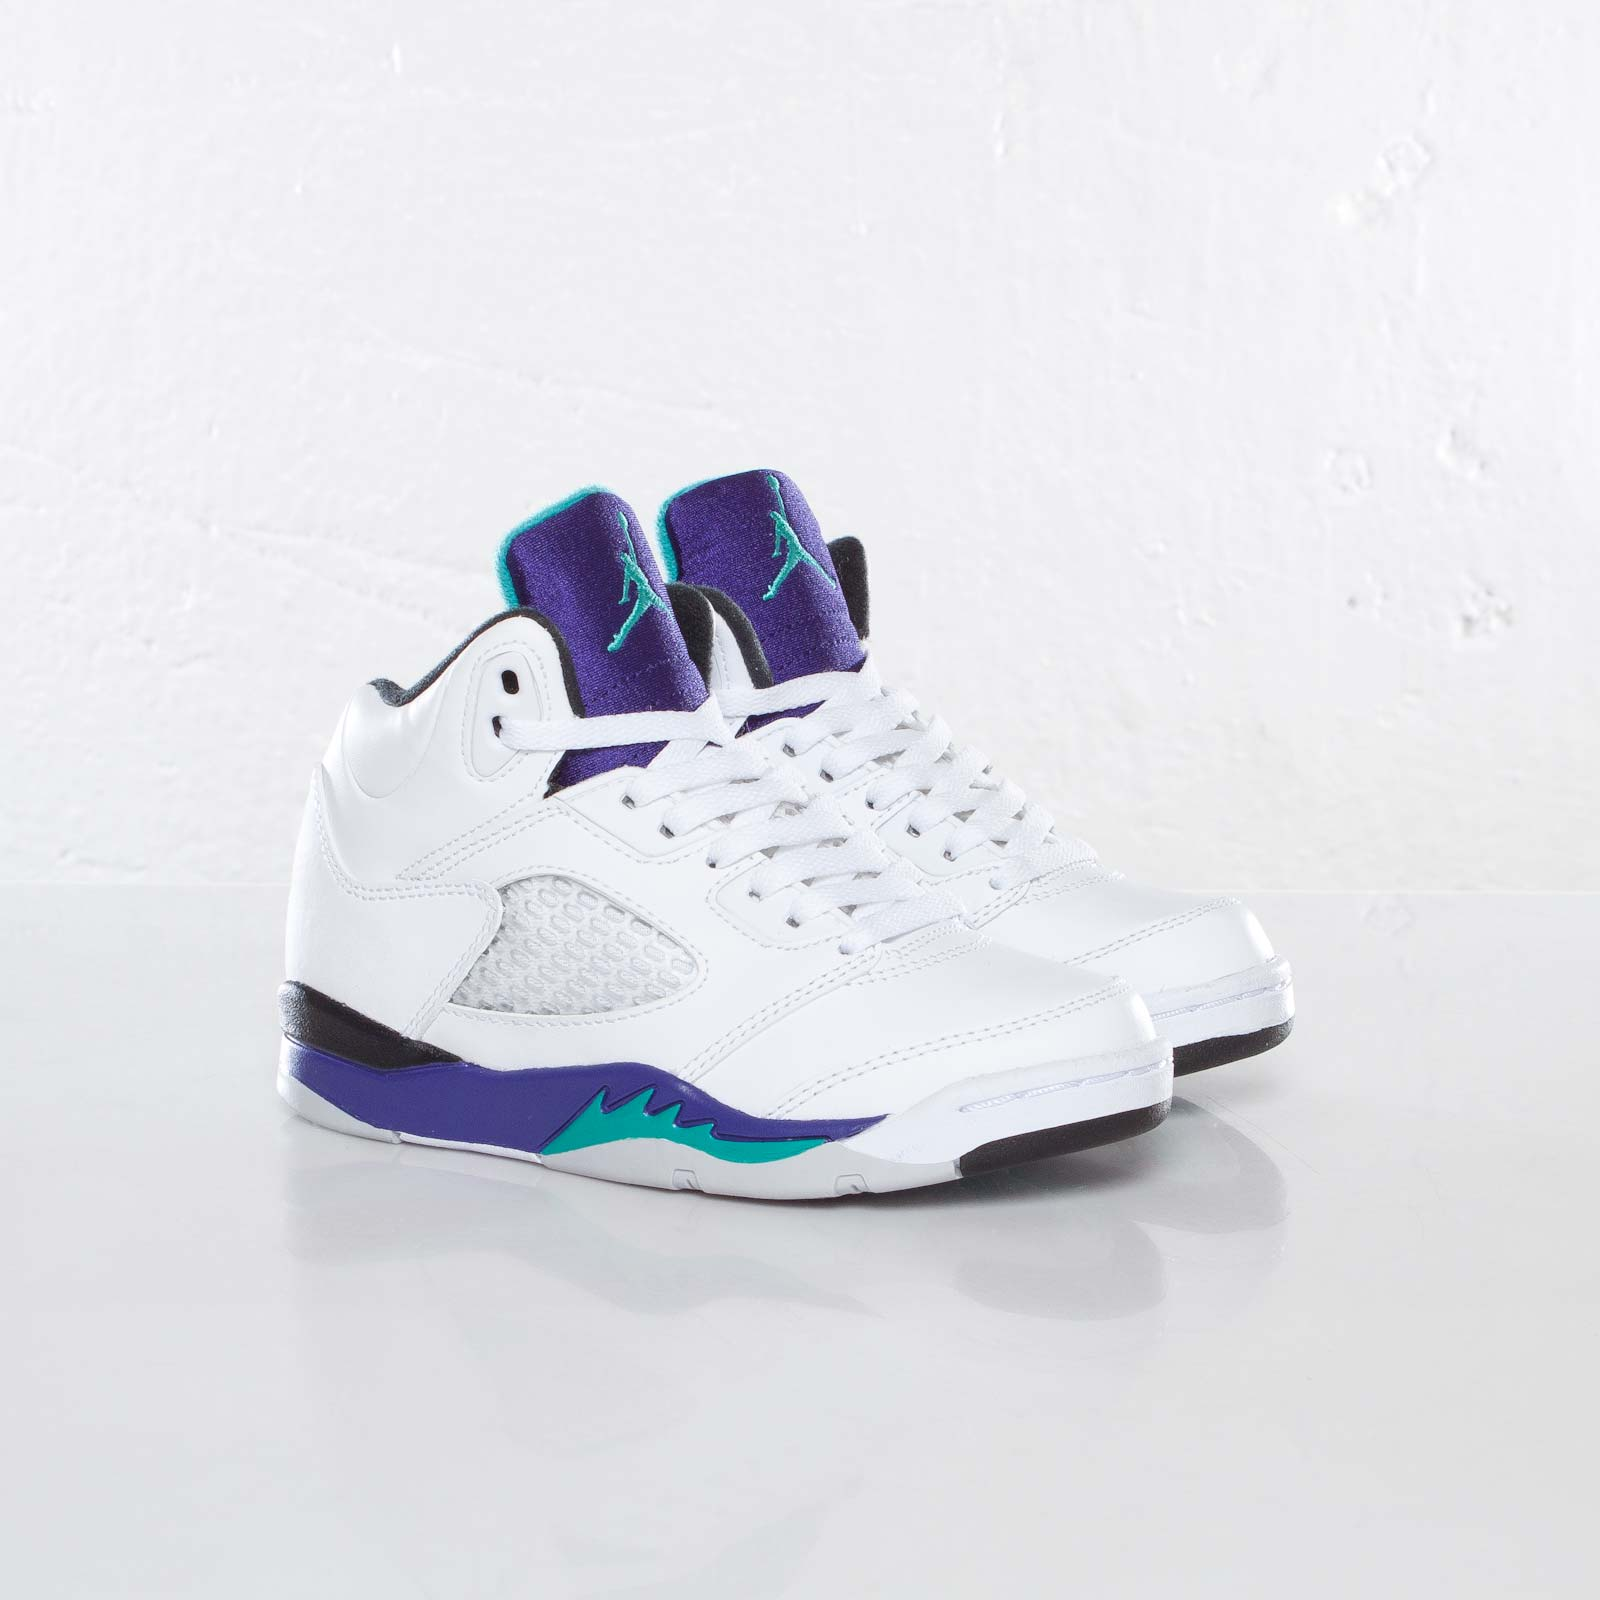 160cb62a63d2e3 Jordan Brand Jordan 5 Retro (PS) - 440889-108 - Sneakersnstuff ...